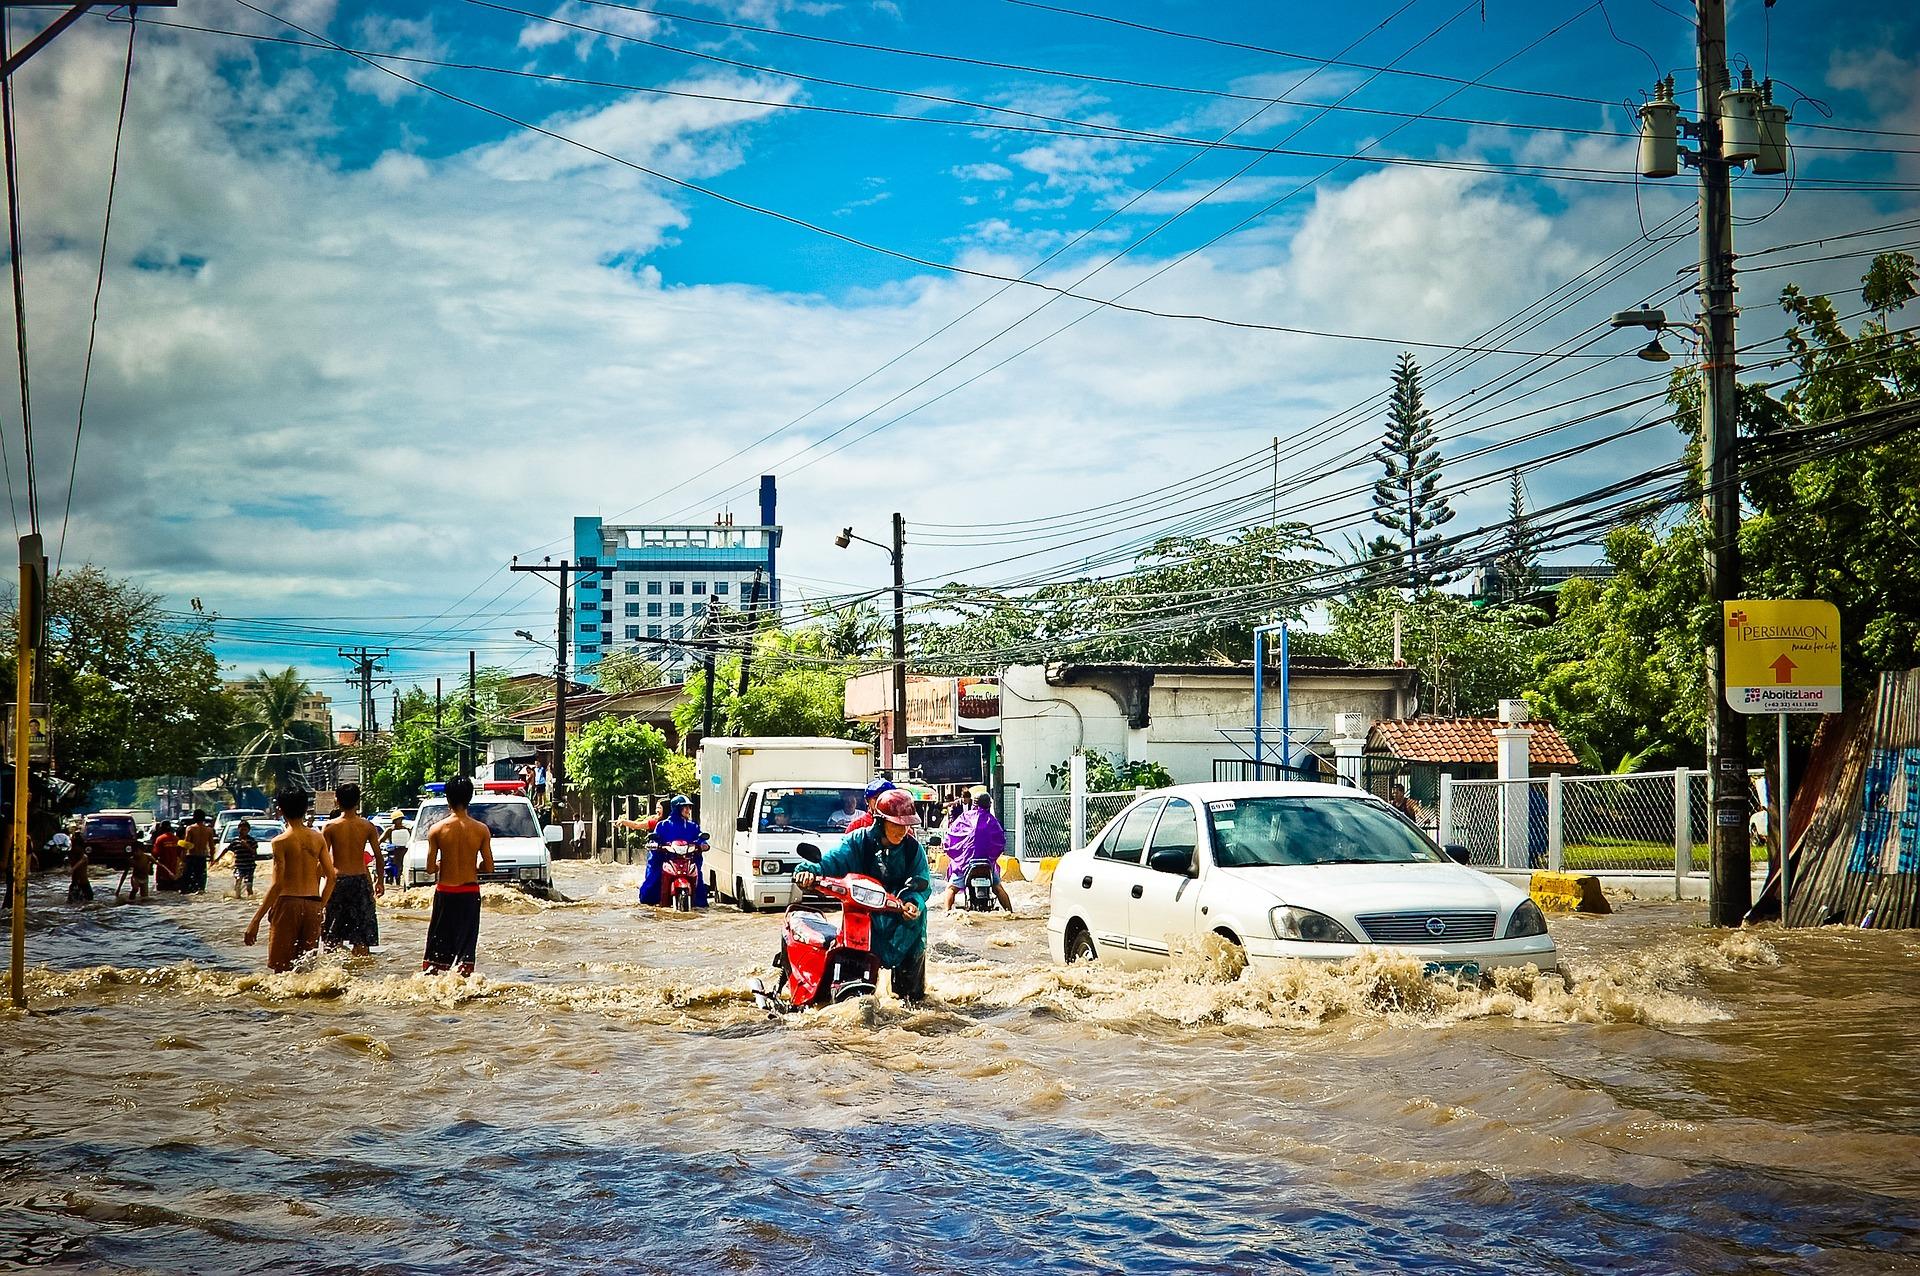 Paga Seguro Inundacion Coche 2